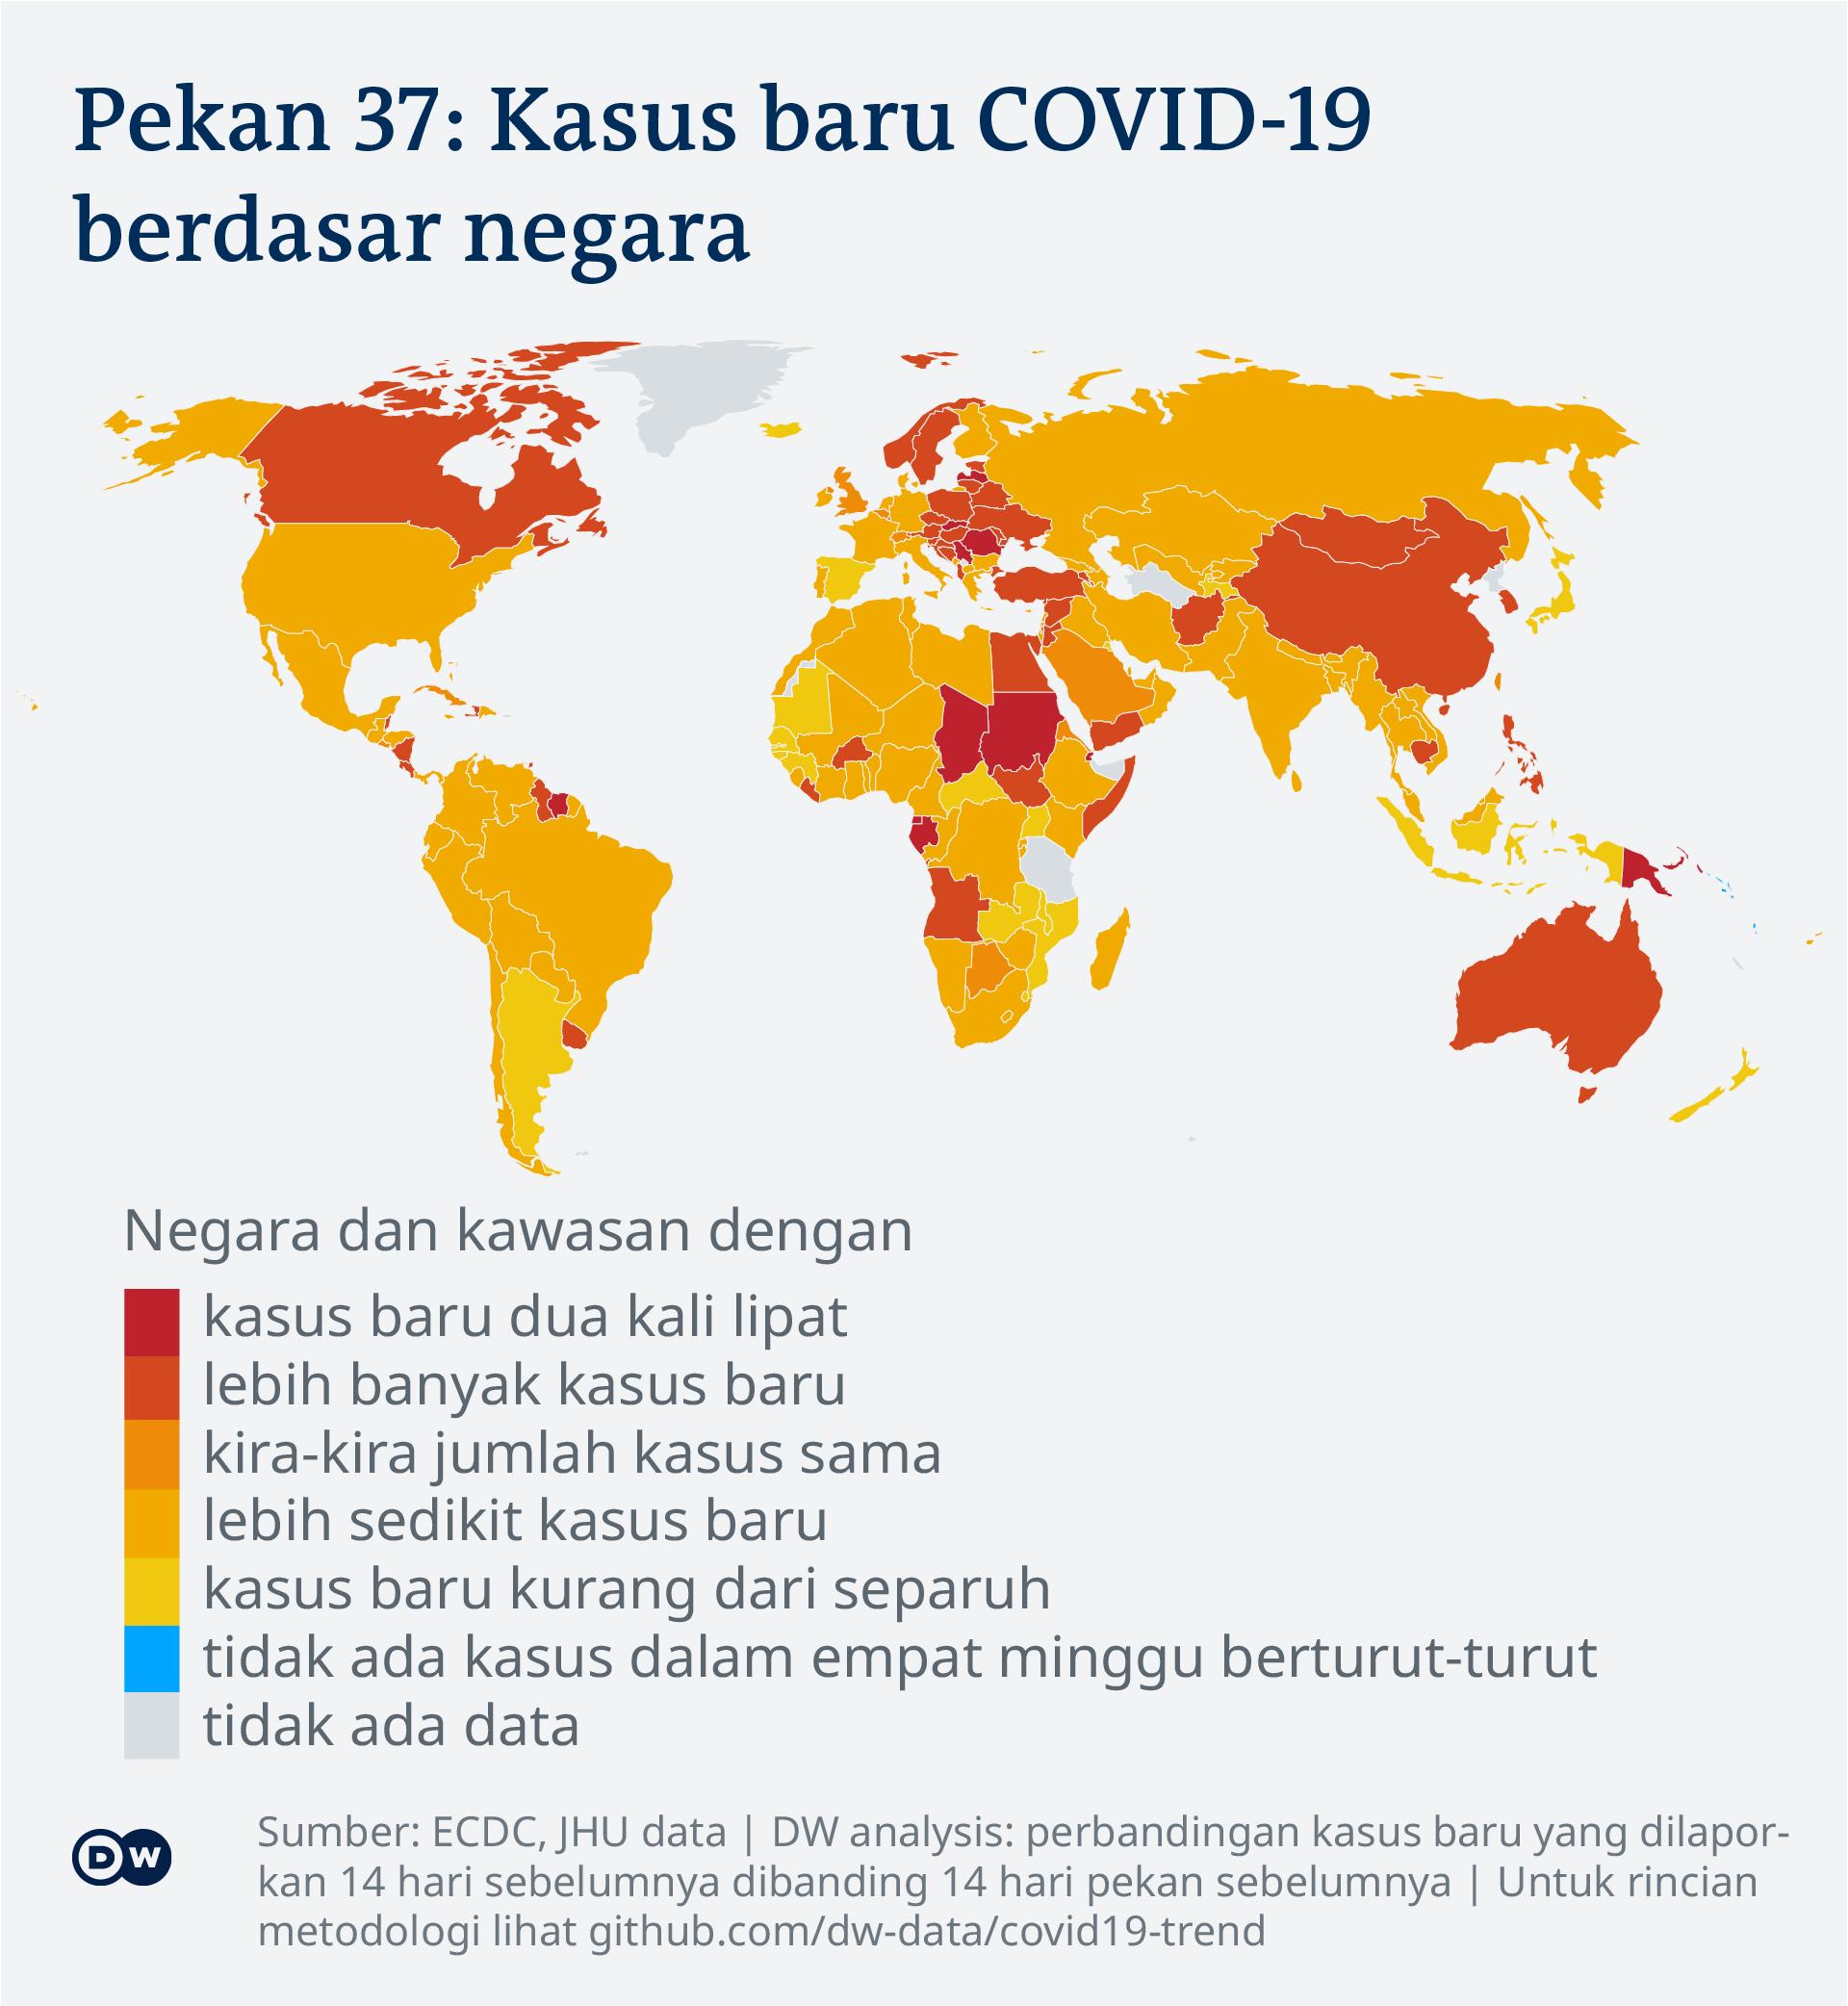 Data visualisasi kasus COVID-19 di dunia